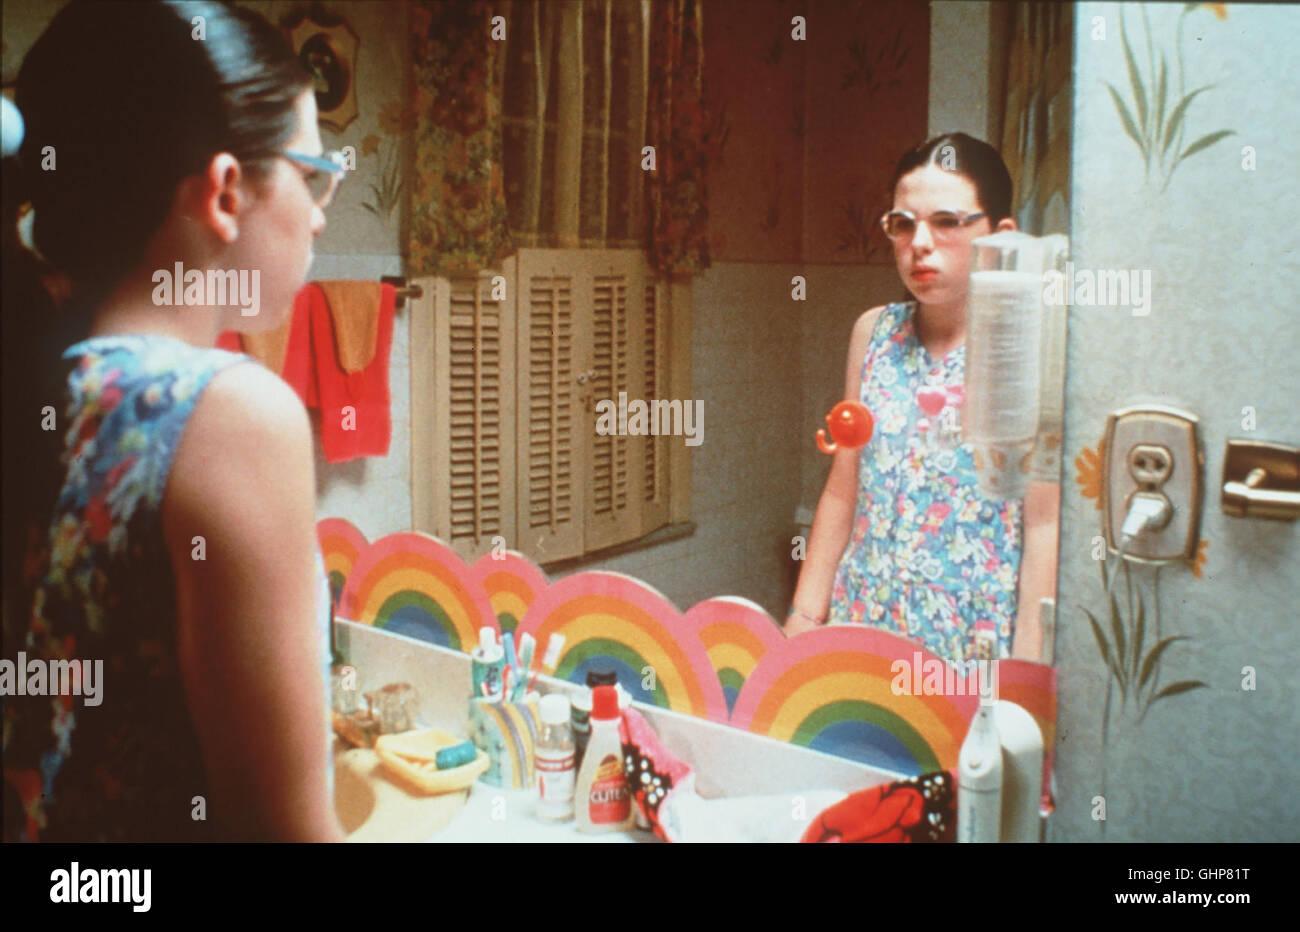 willkommen im tollhaus - Die elfjährige Dawn Wiener (HEATHER MATARAZZO) ist ein Mauerblümchen mit Herz - Stock Image